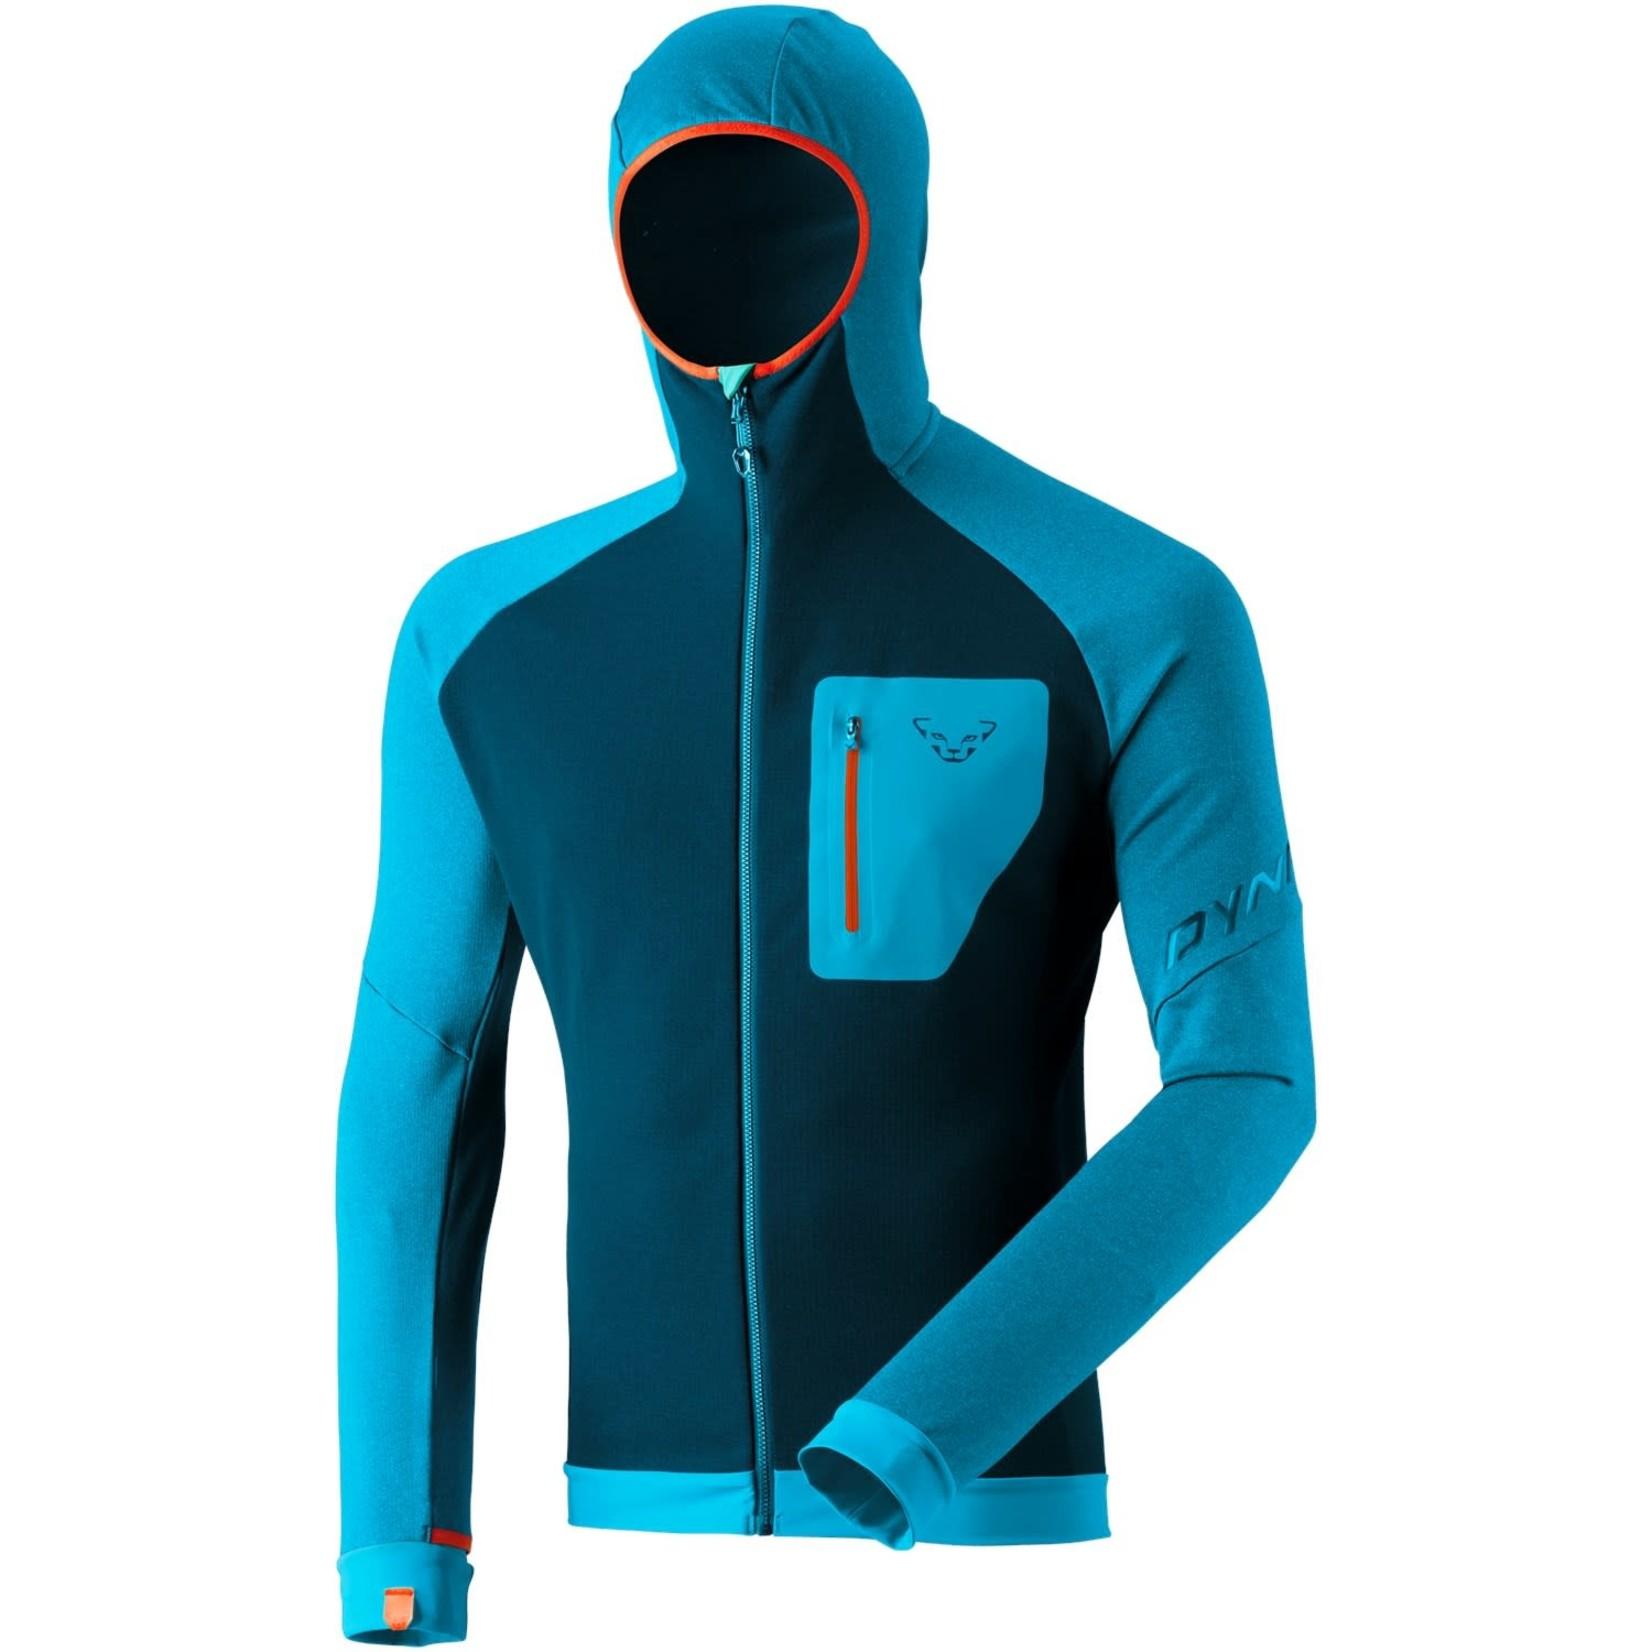 Dynafit Dynafit Radical Polartec Jacket - Men